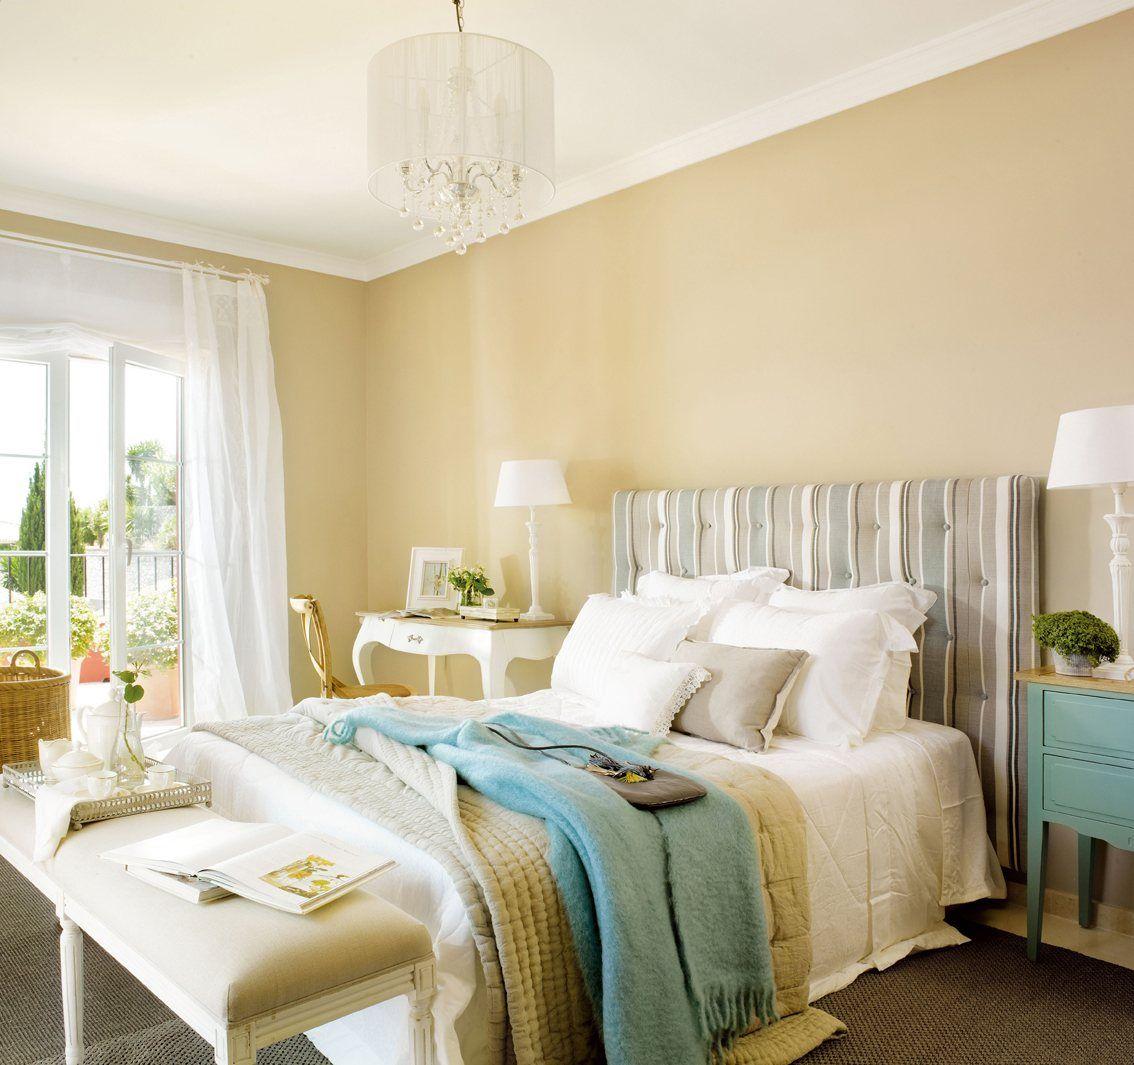 12 Dormitorios Renovados Por El Mueble Bedroom Yellowbedroom Colorsbedroom